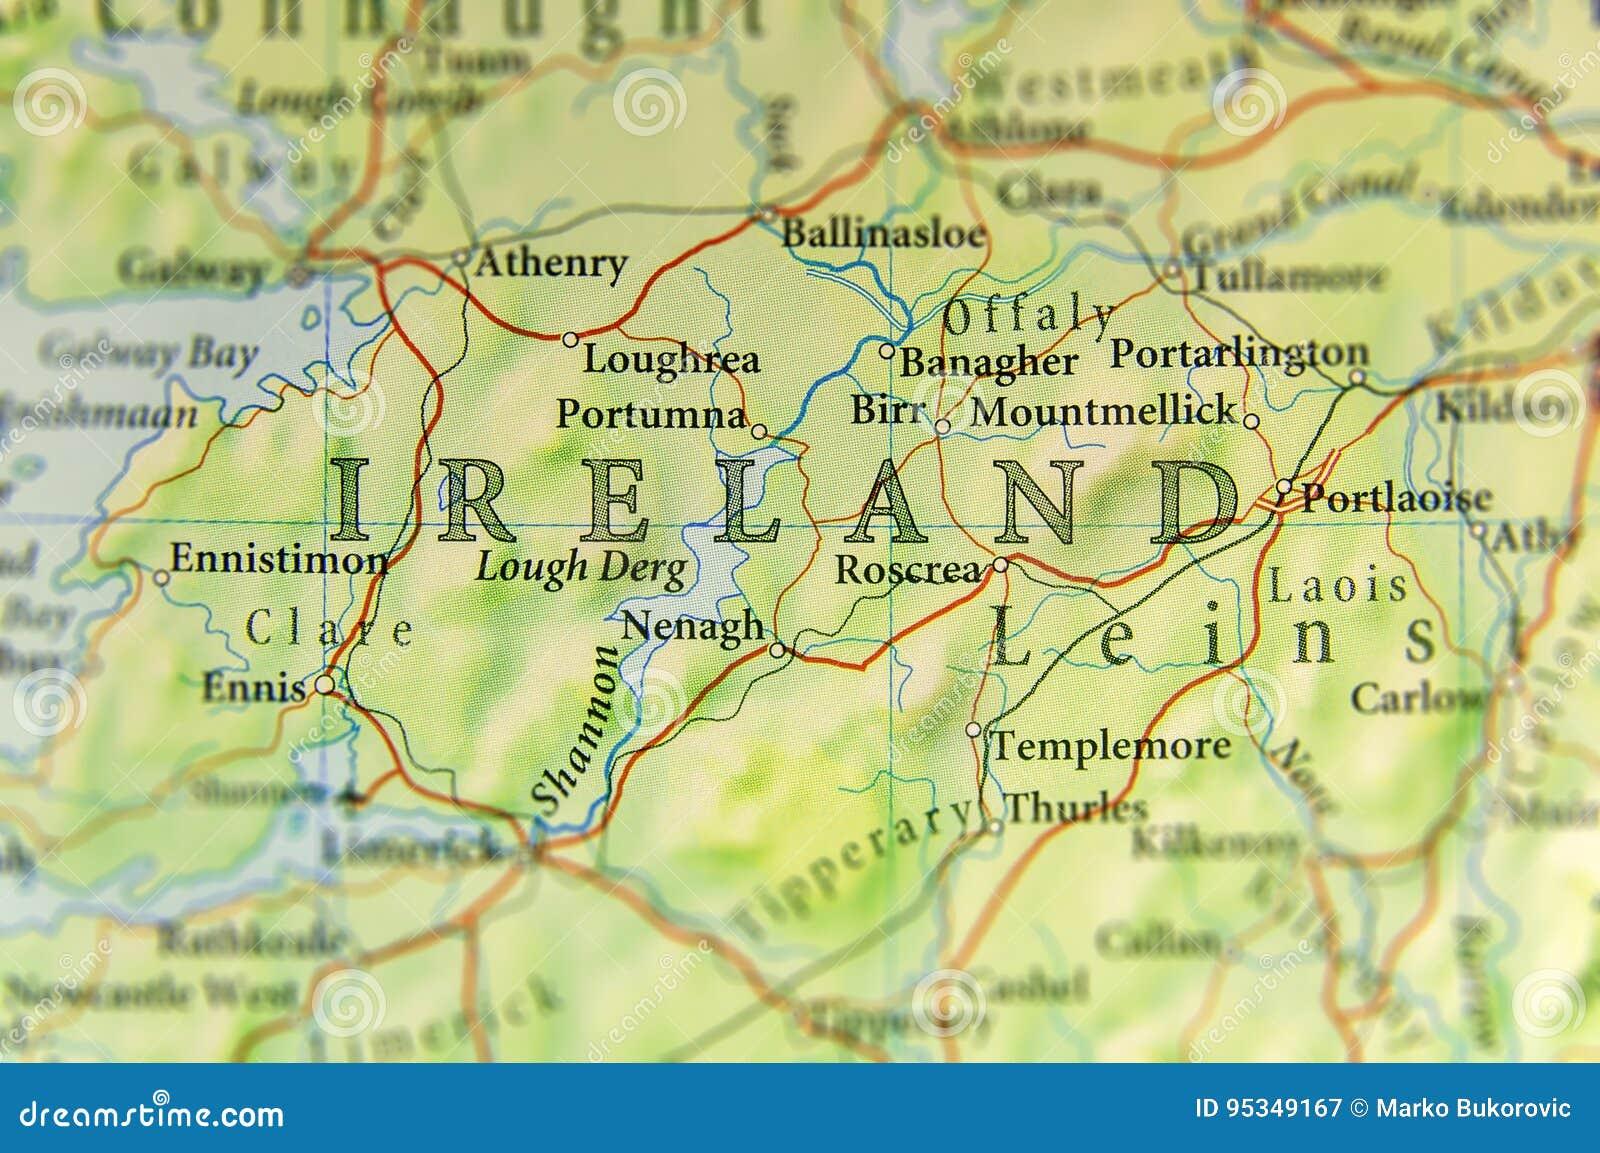 Irland Karte Städte.Geographische Karte Des Europäischen Landes Irland Mit Wichtigen